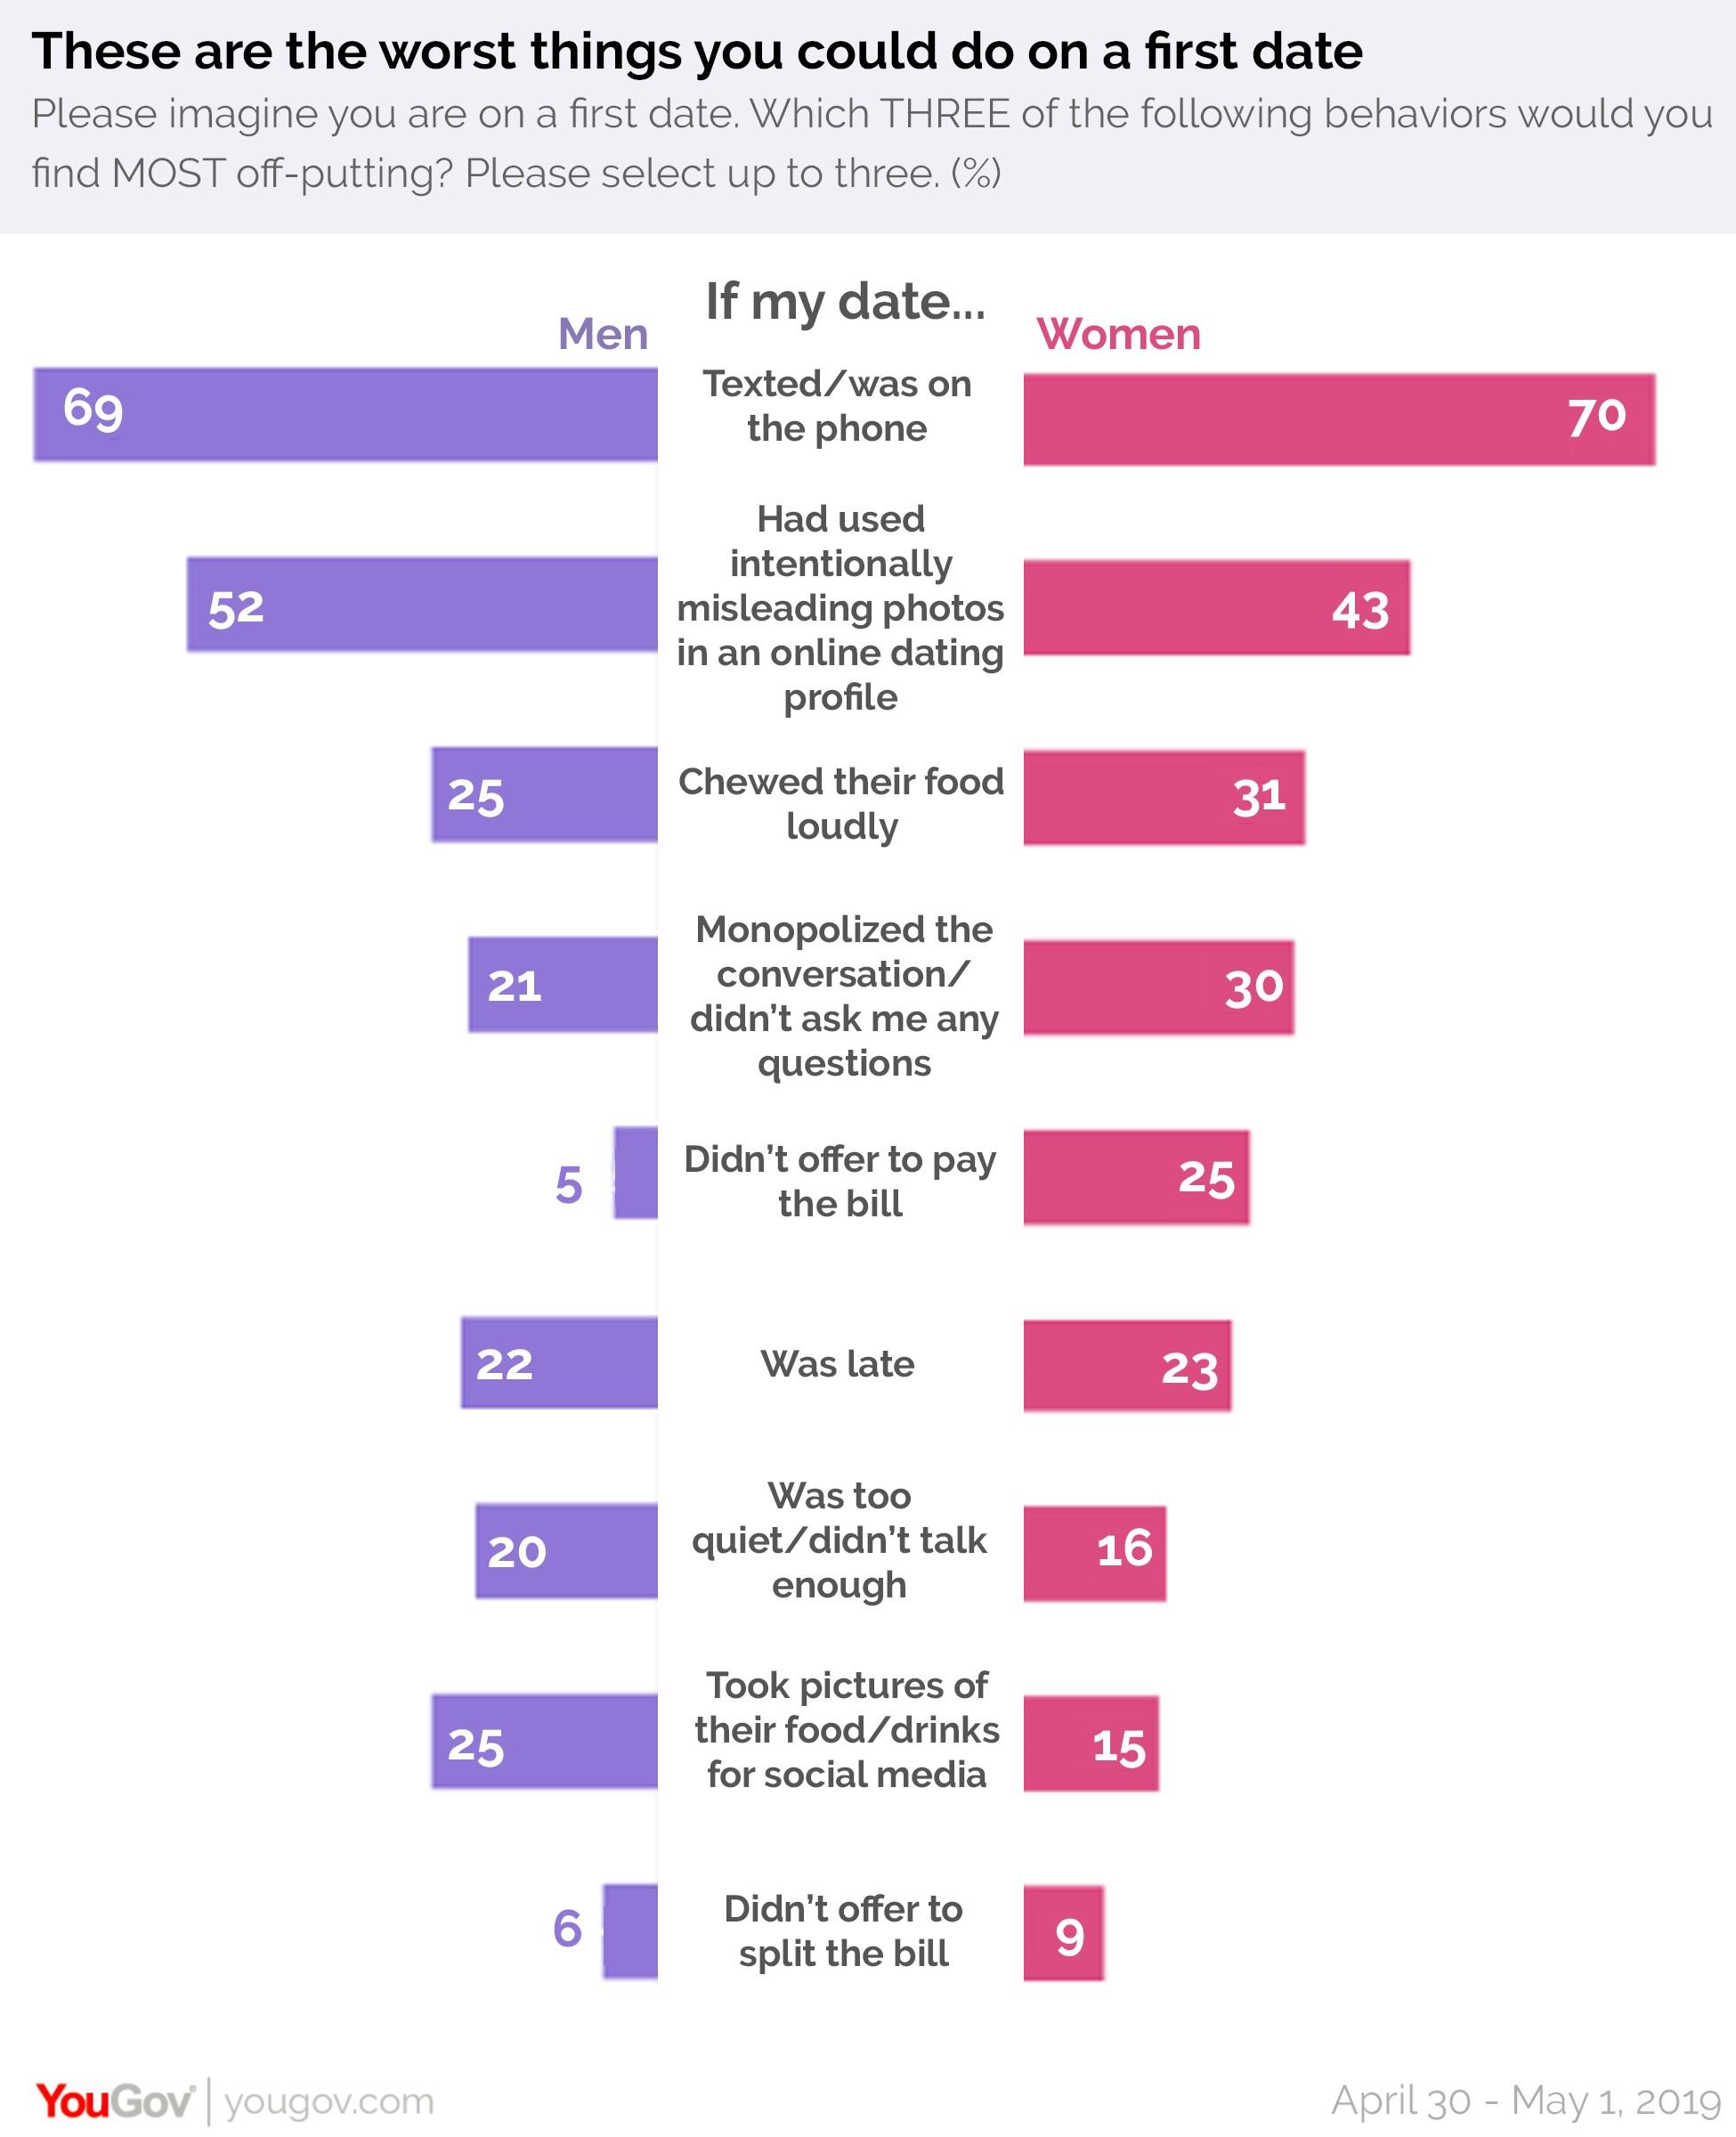 YouGov:70%女性表示发短信或打电话是第一次约会最令人不快的行为